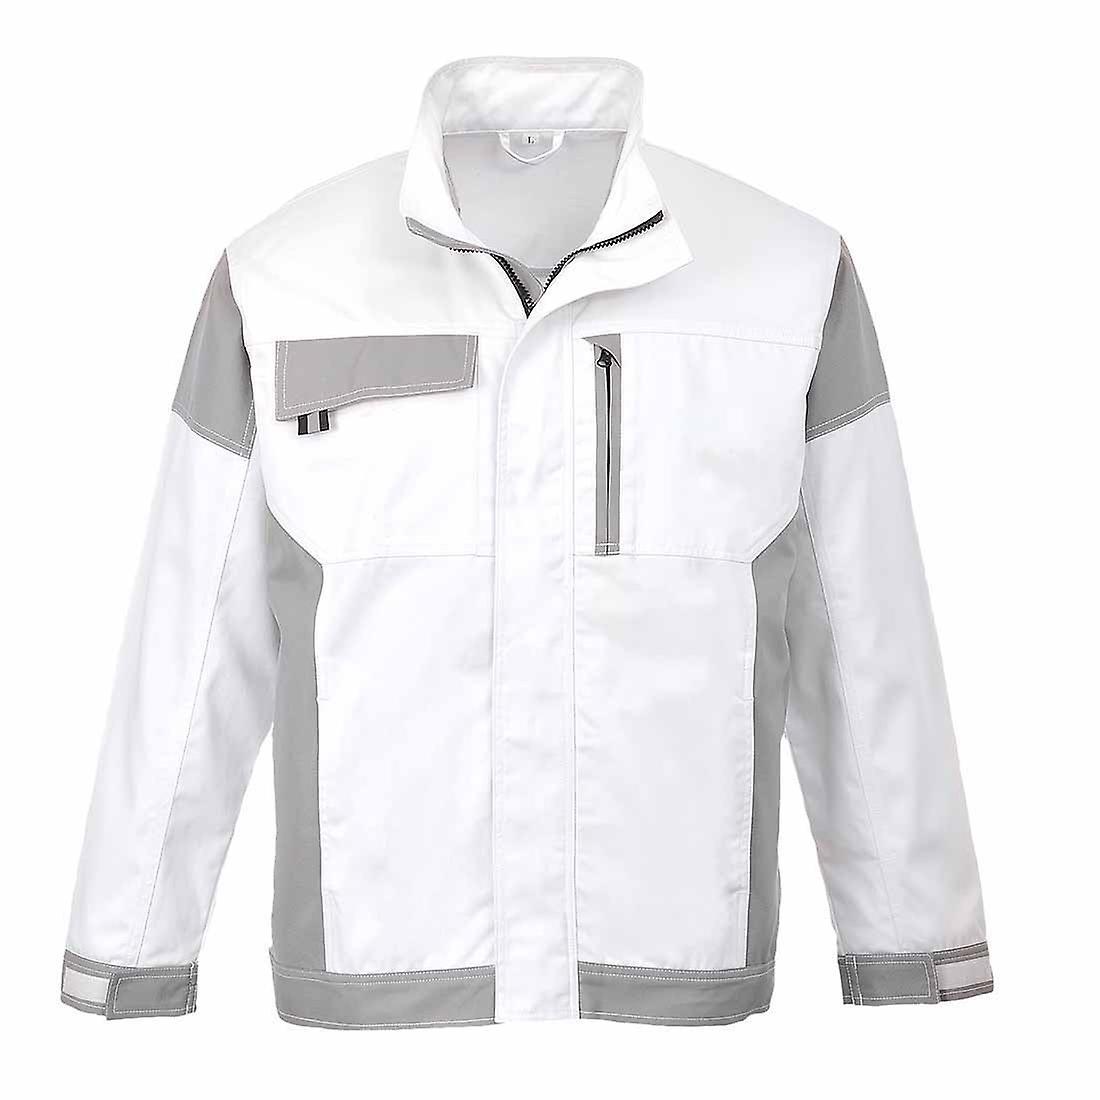 SUw - Craft Two Tone vêtehommests de travail veste